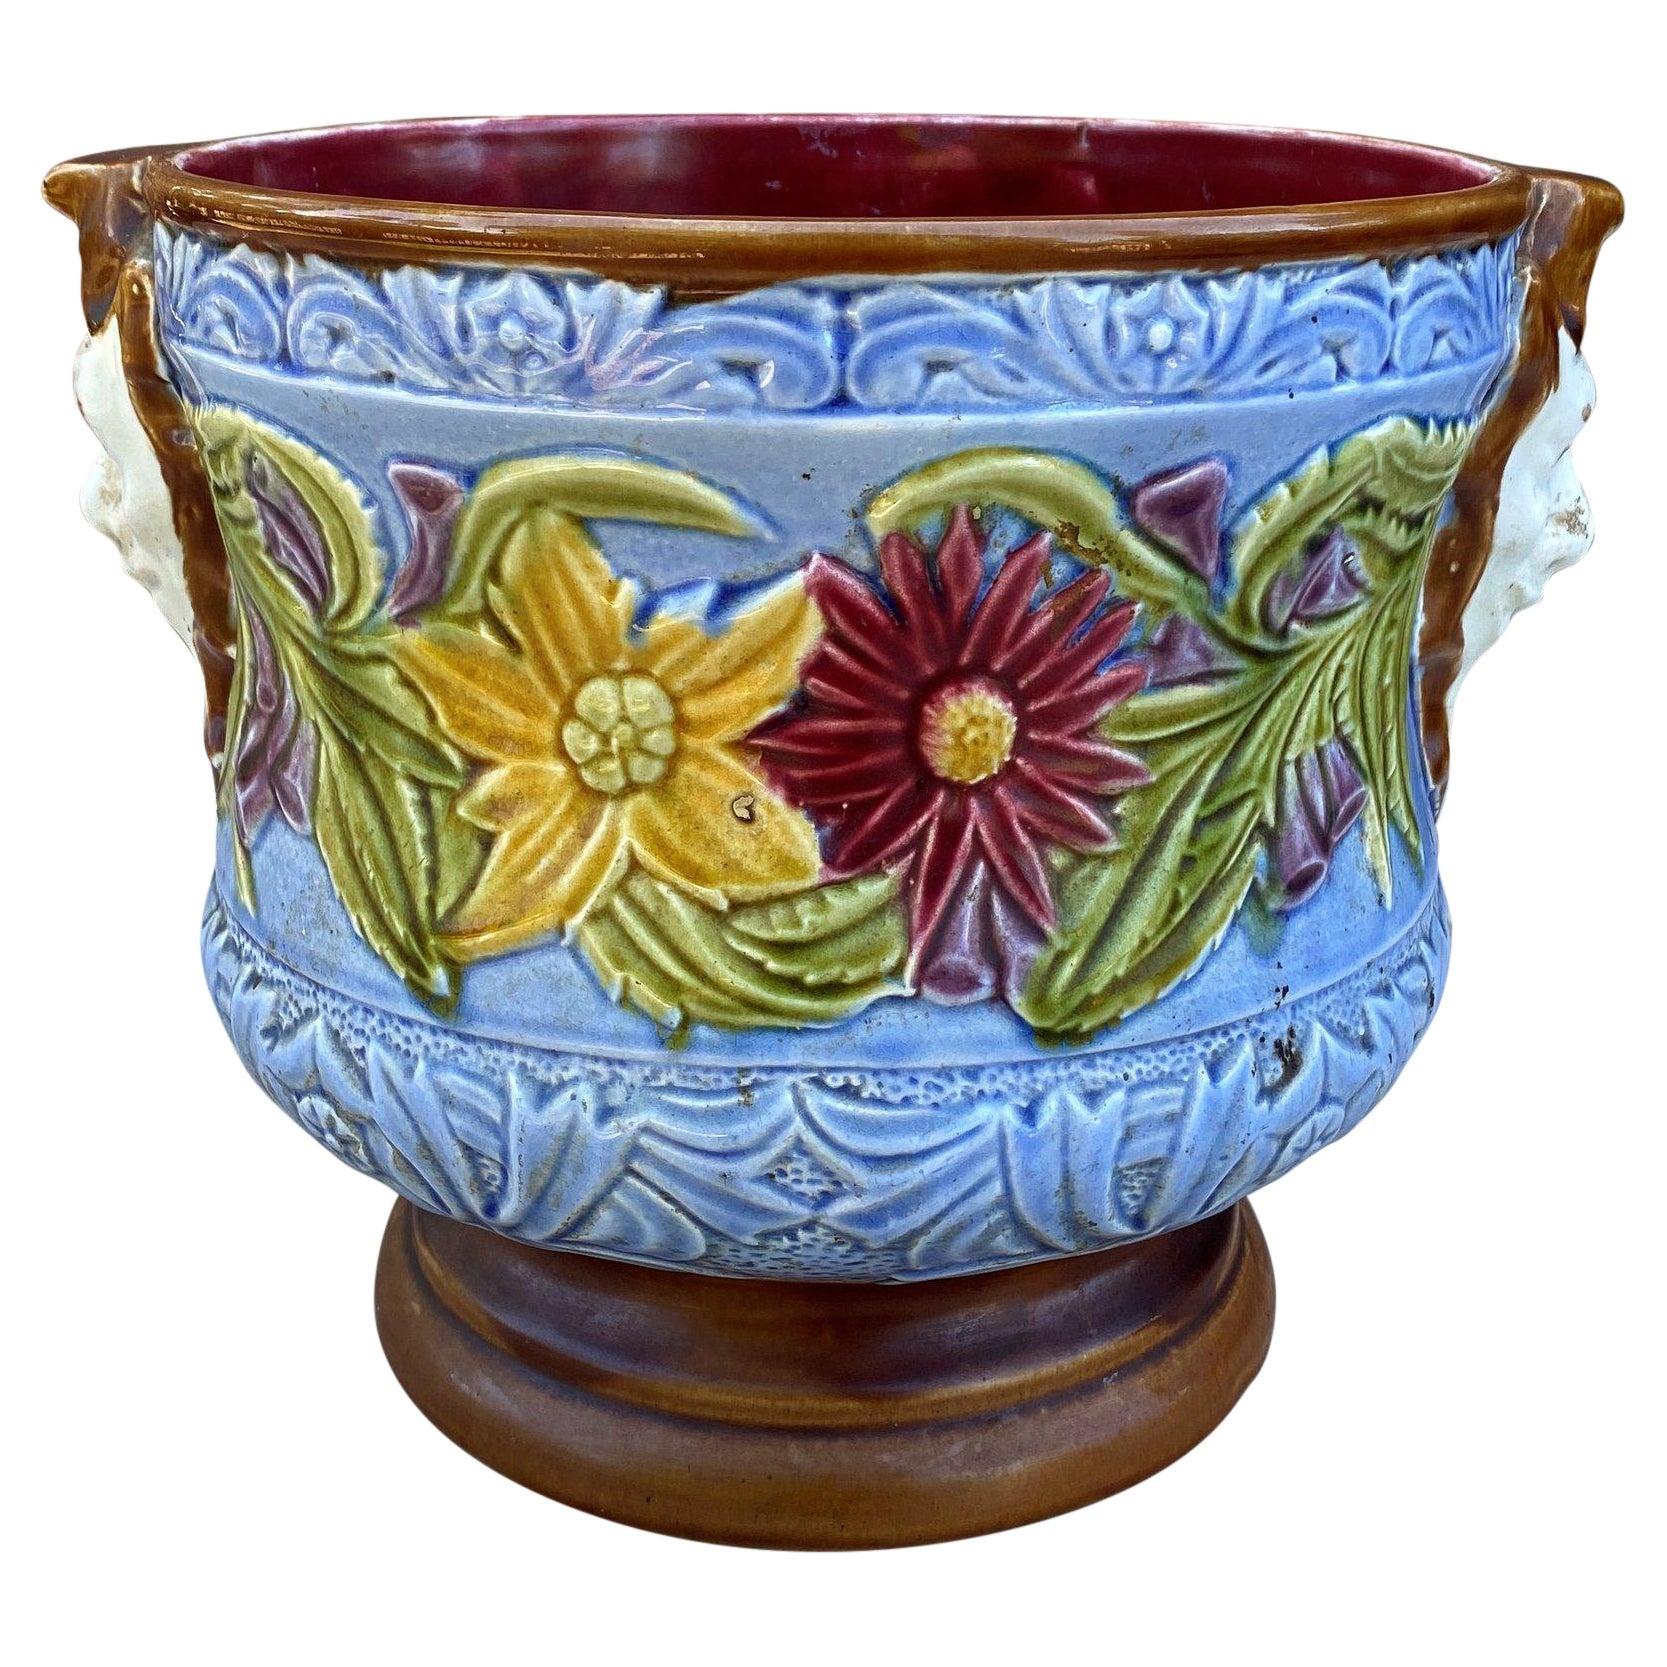 Antique English Majolica Planter Cache Pot Jardiniere Vase Blue Floral Masks